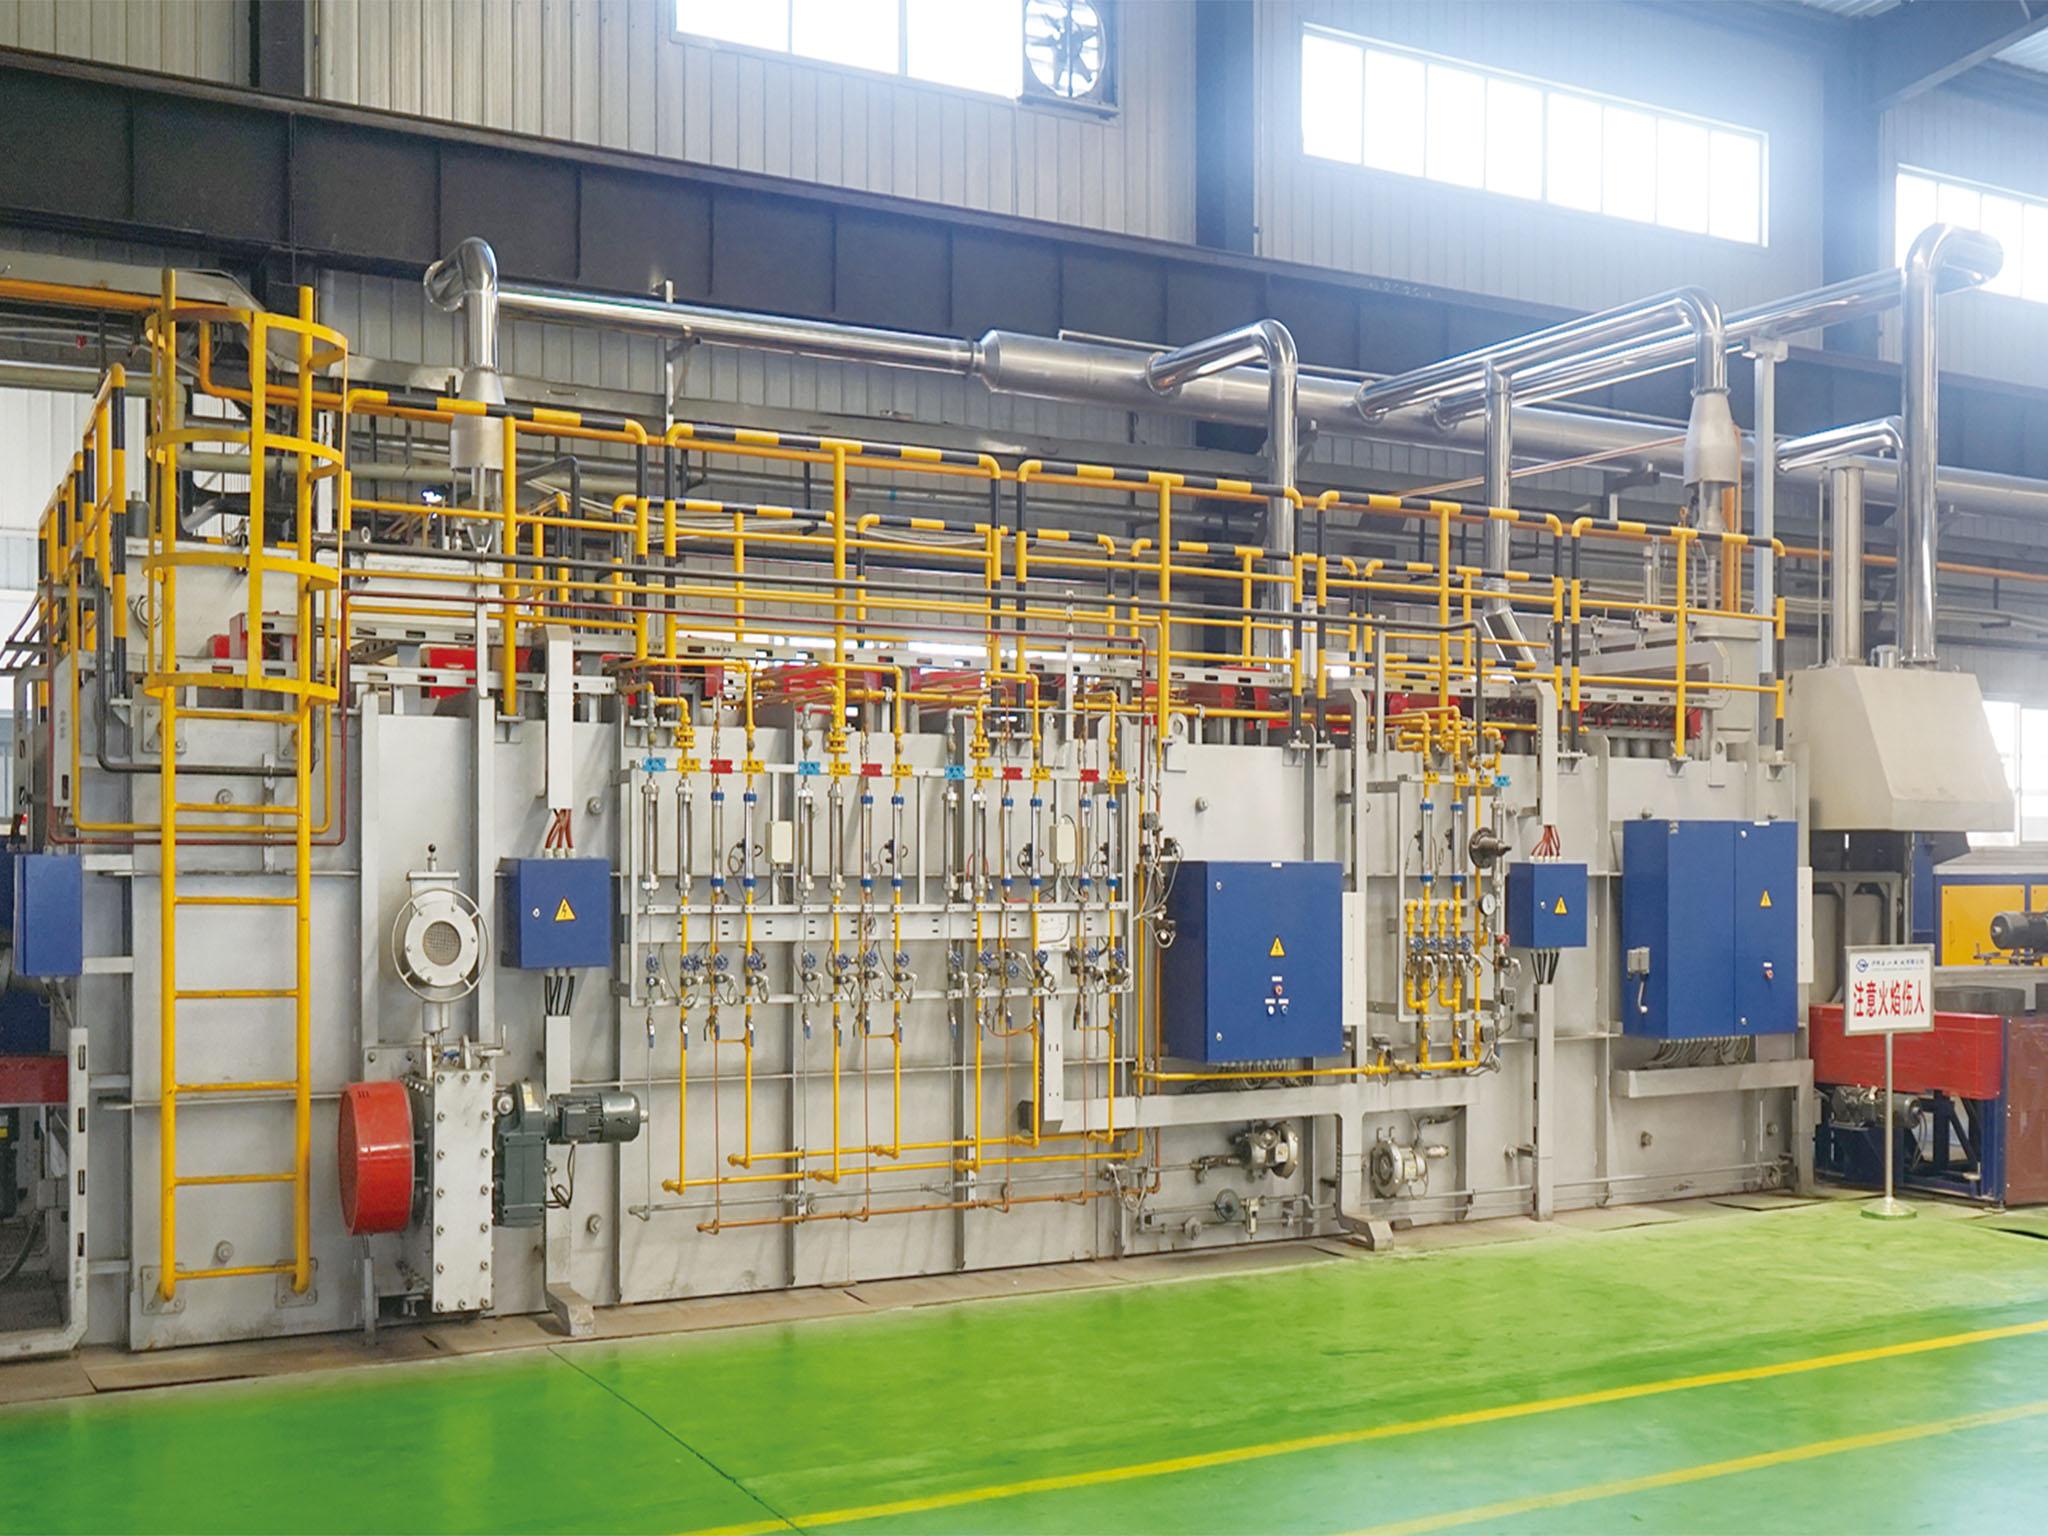 推杆式连续渗碳高压气淬炉生产线